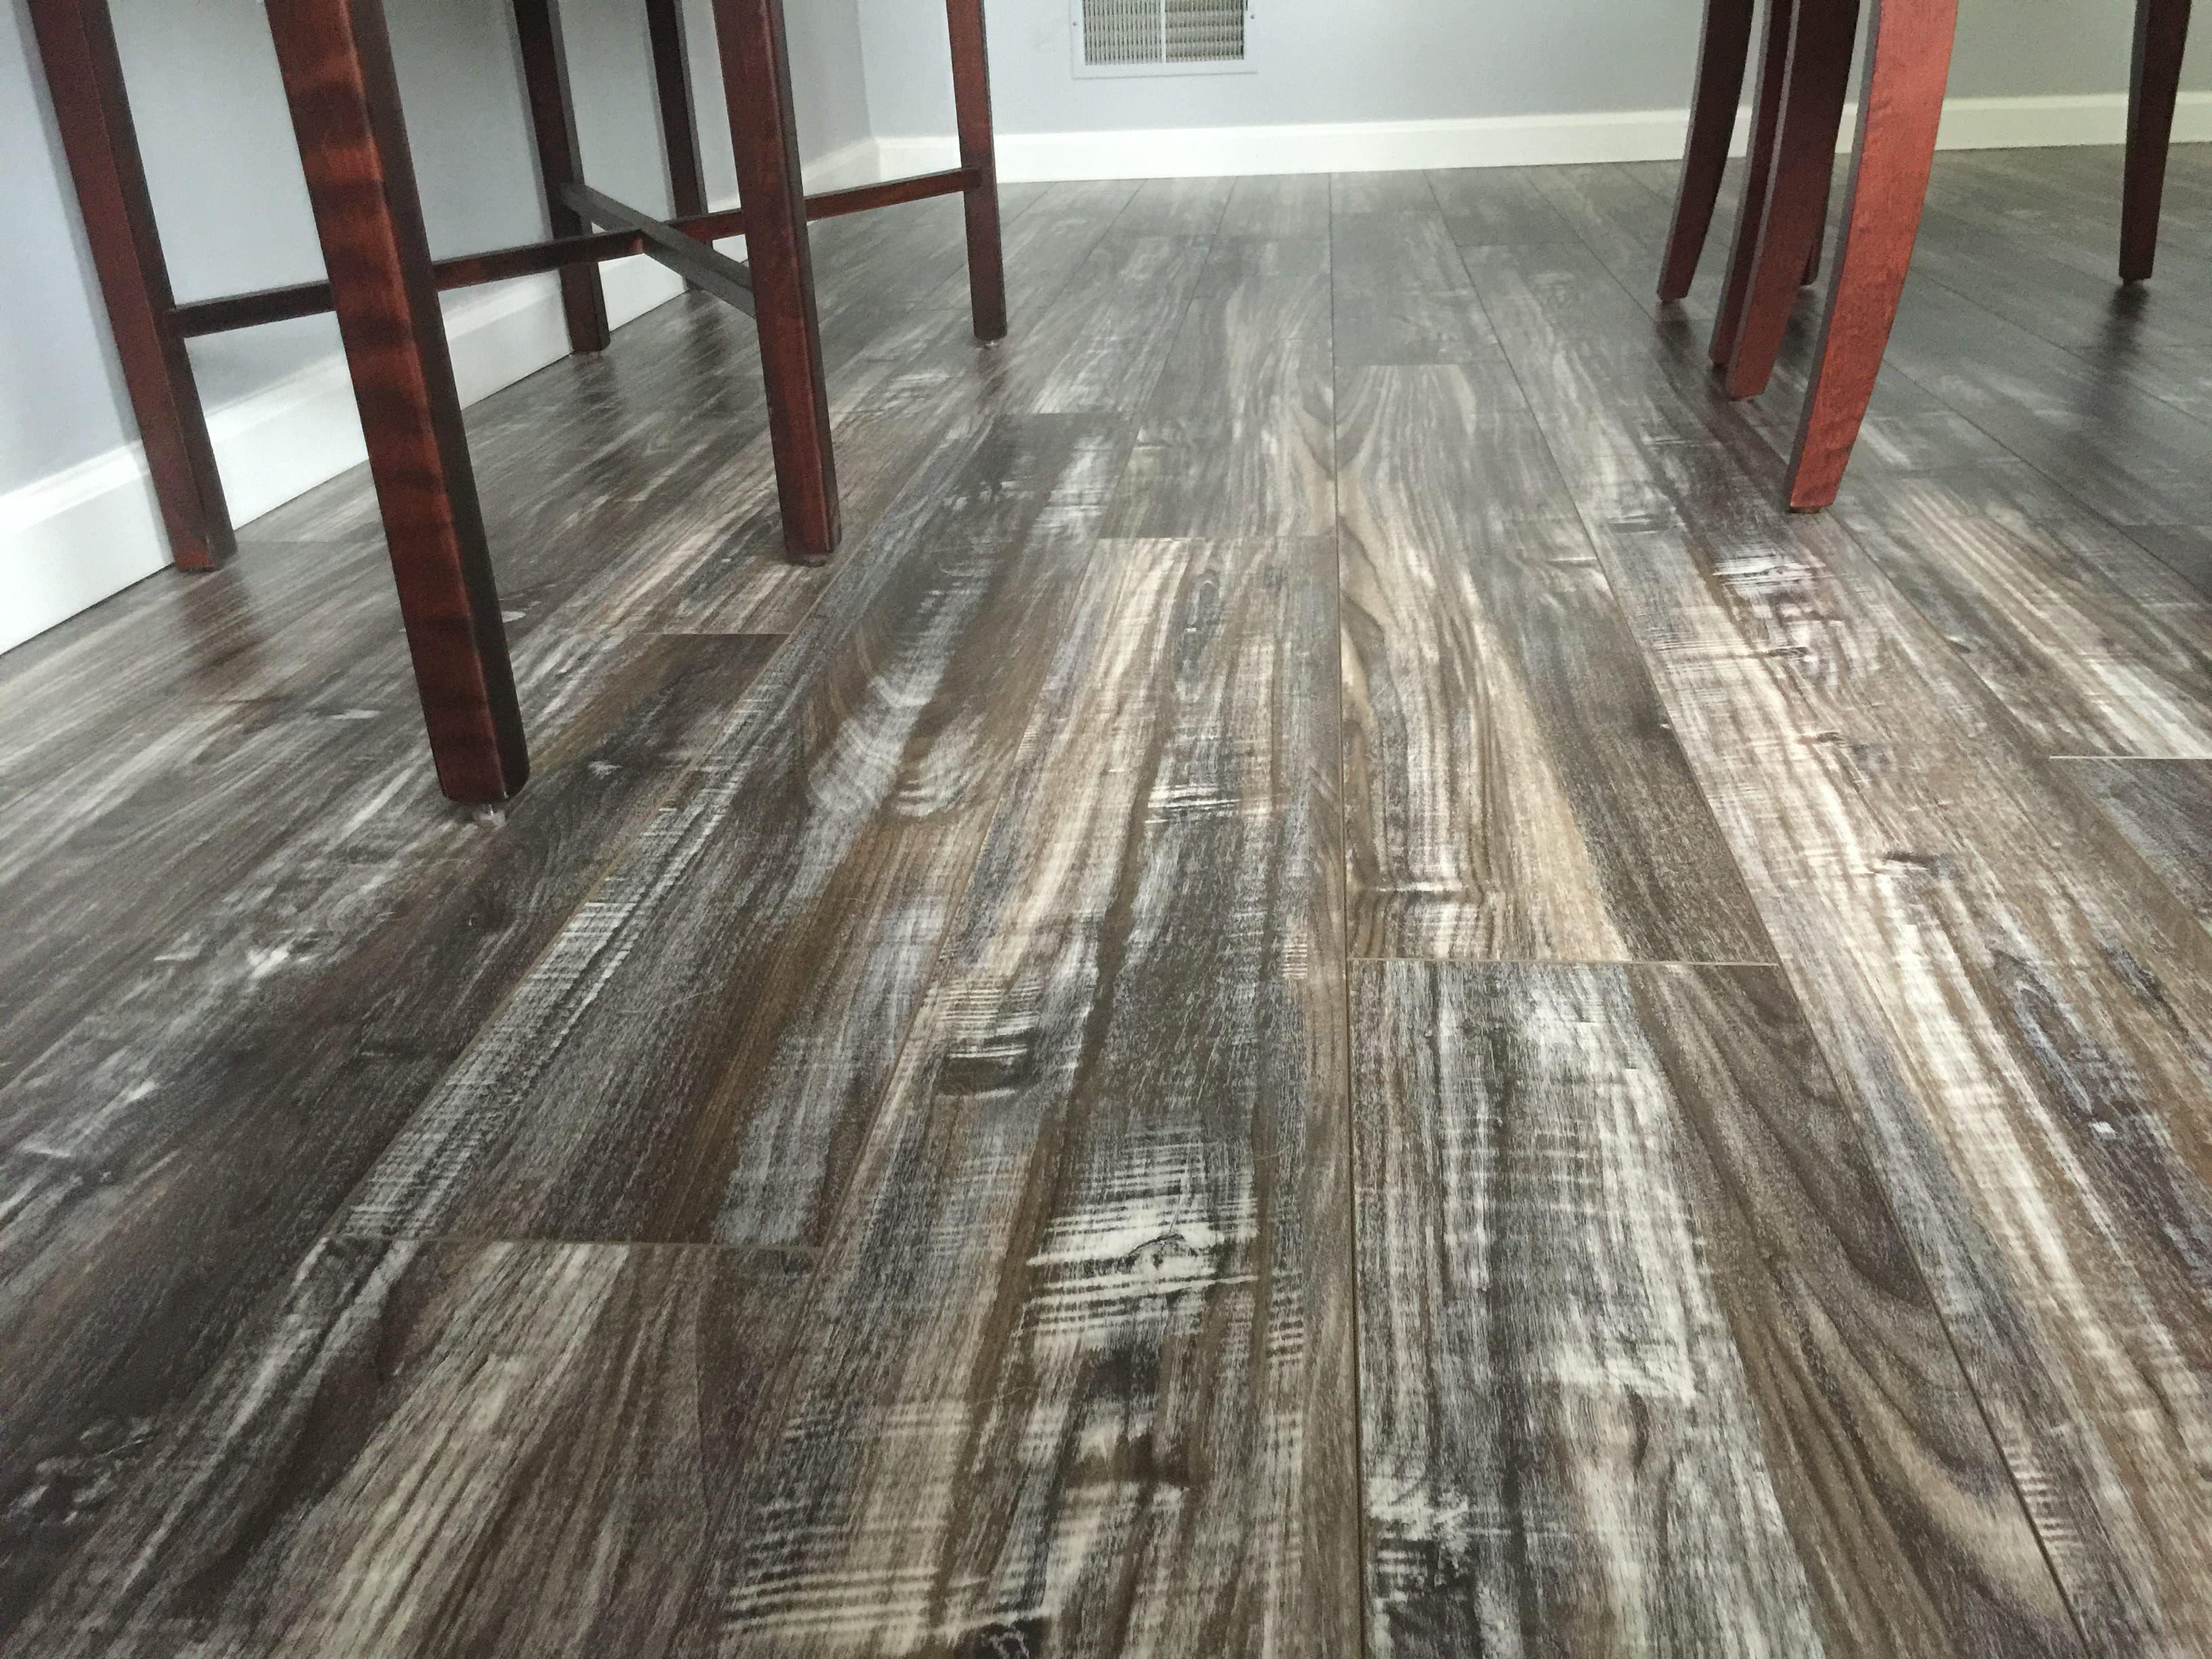 Laminate Flooring, Builddirect Laminate Flooring